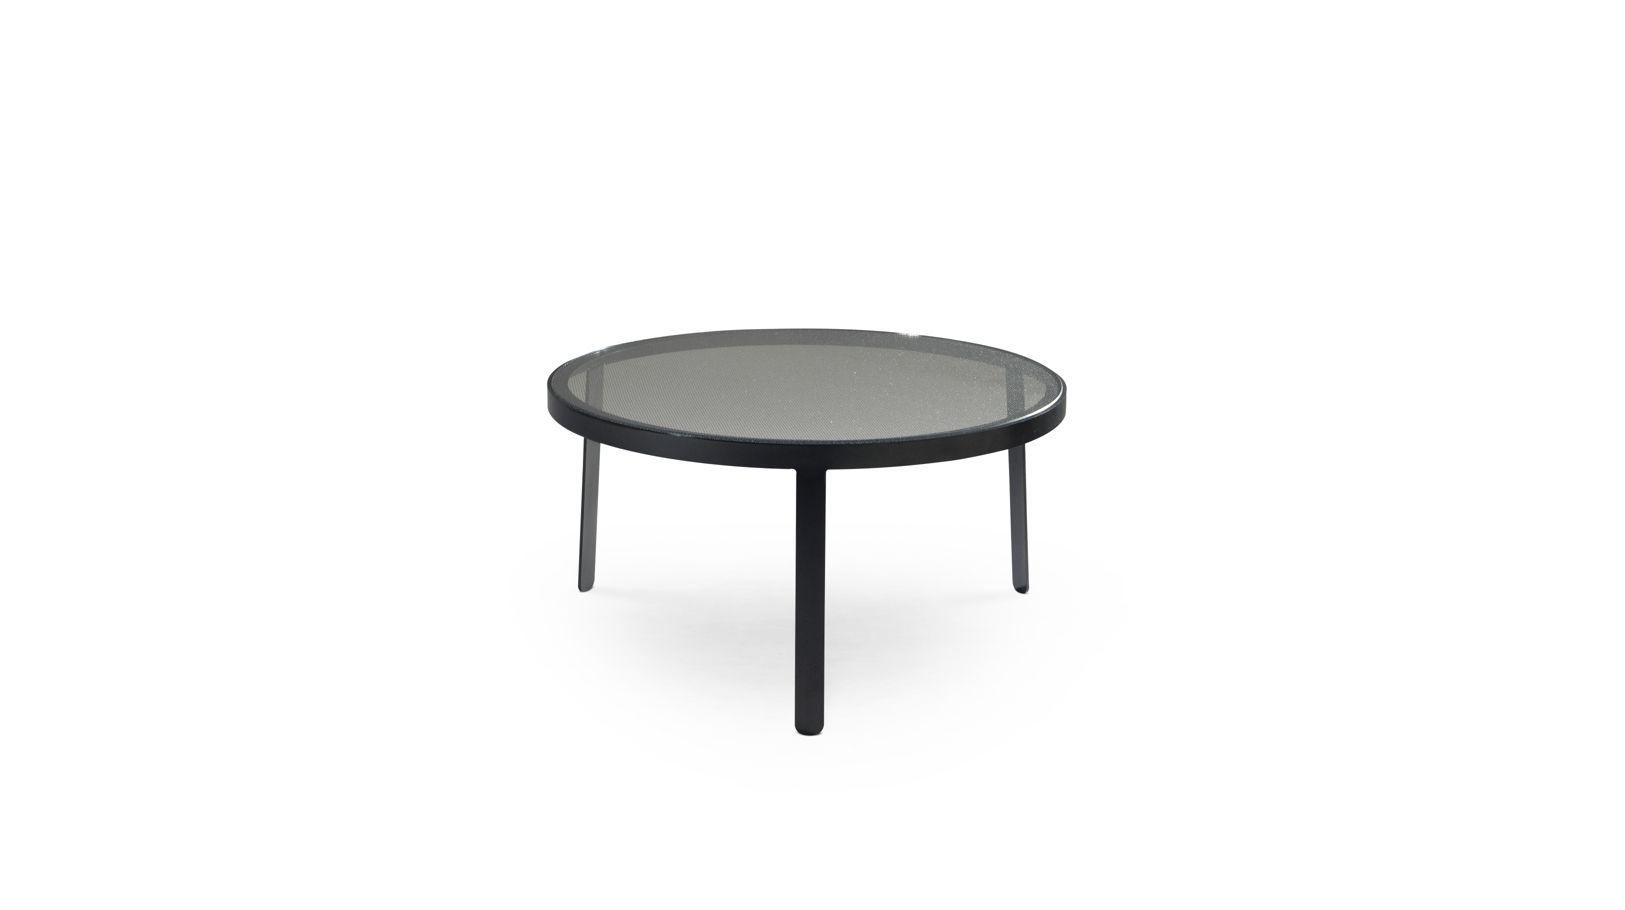 Tavolino fianco divano biz roche bobois for Tavolino divano design